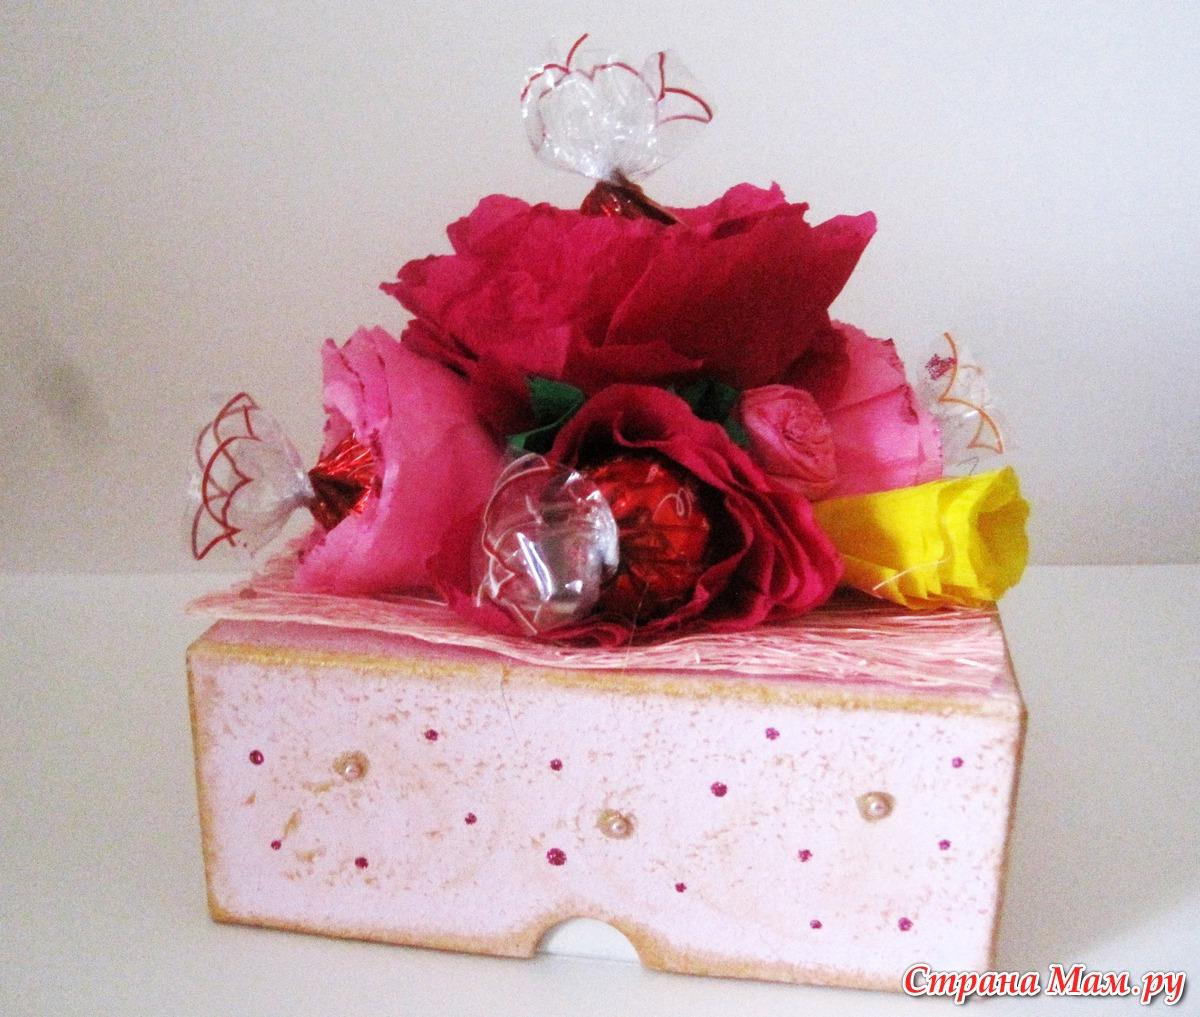 Подарок Коробку Сюрпризом Купить Подарок Коробку 13